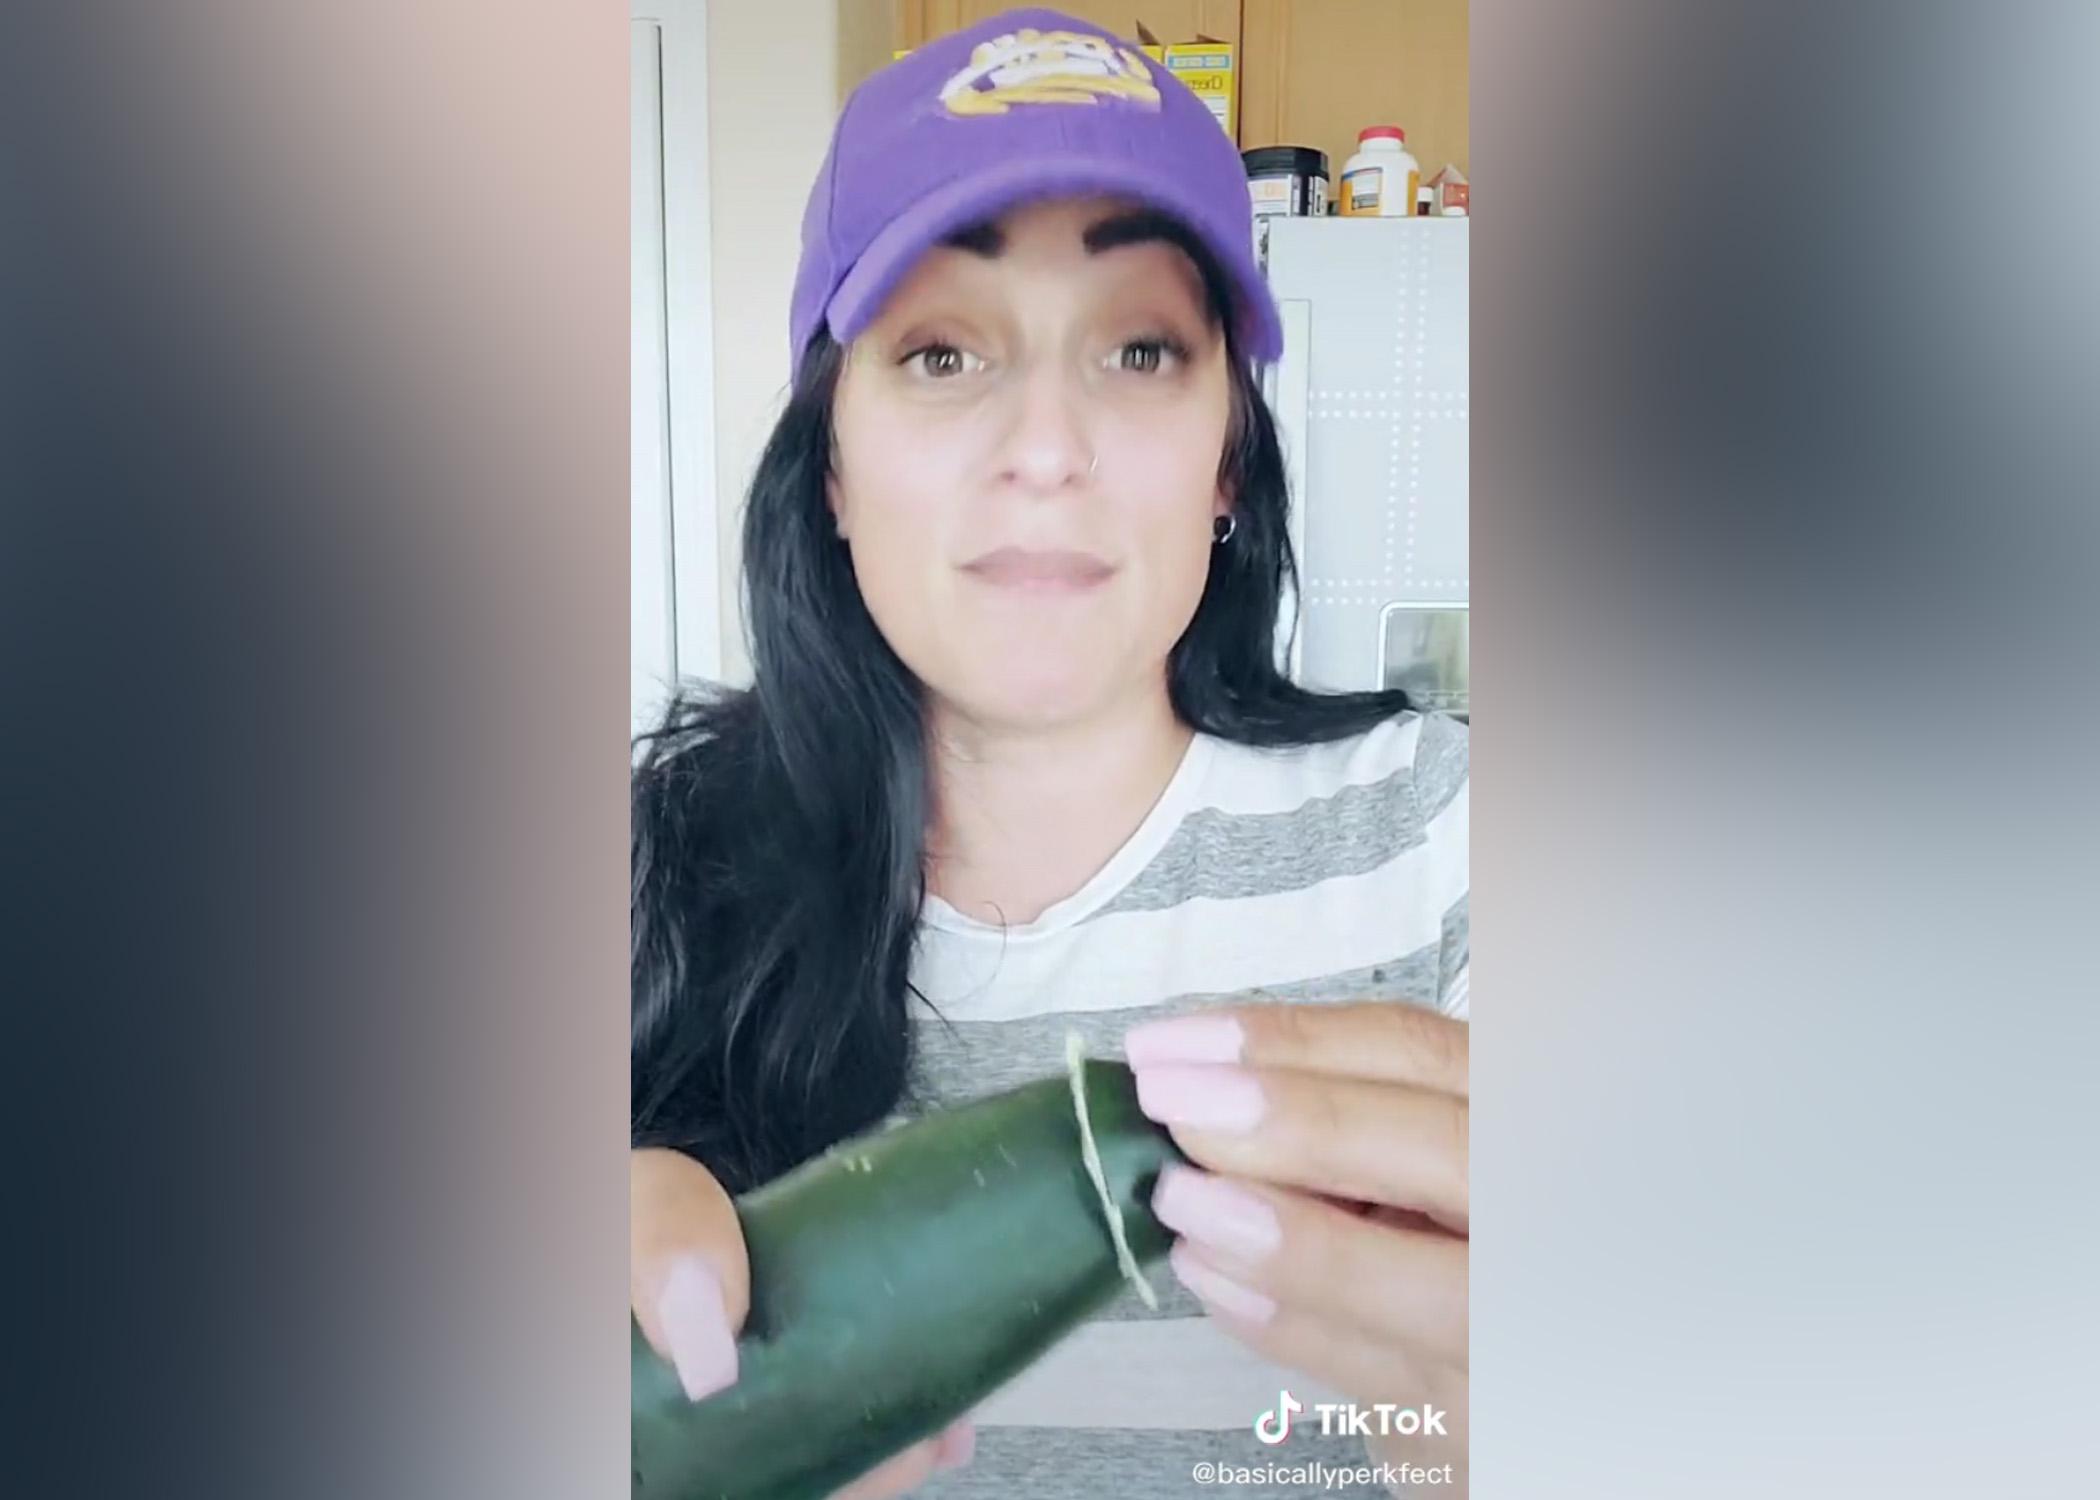 trljati krastavac protiv gorčine